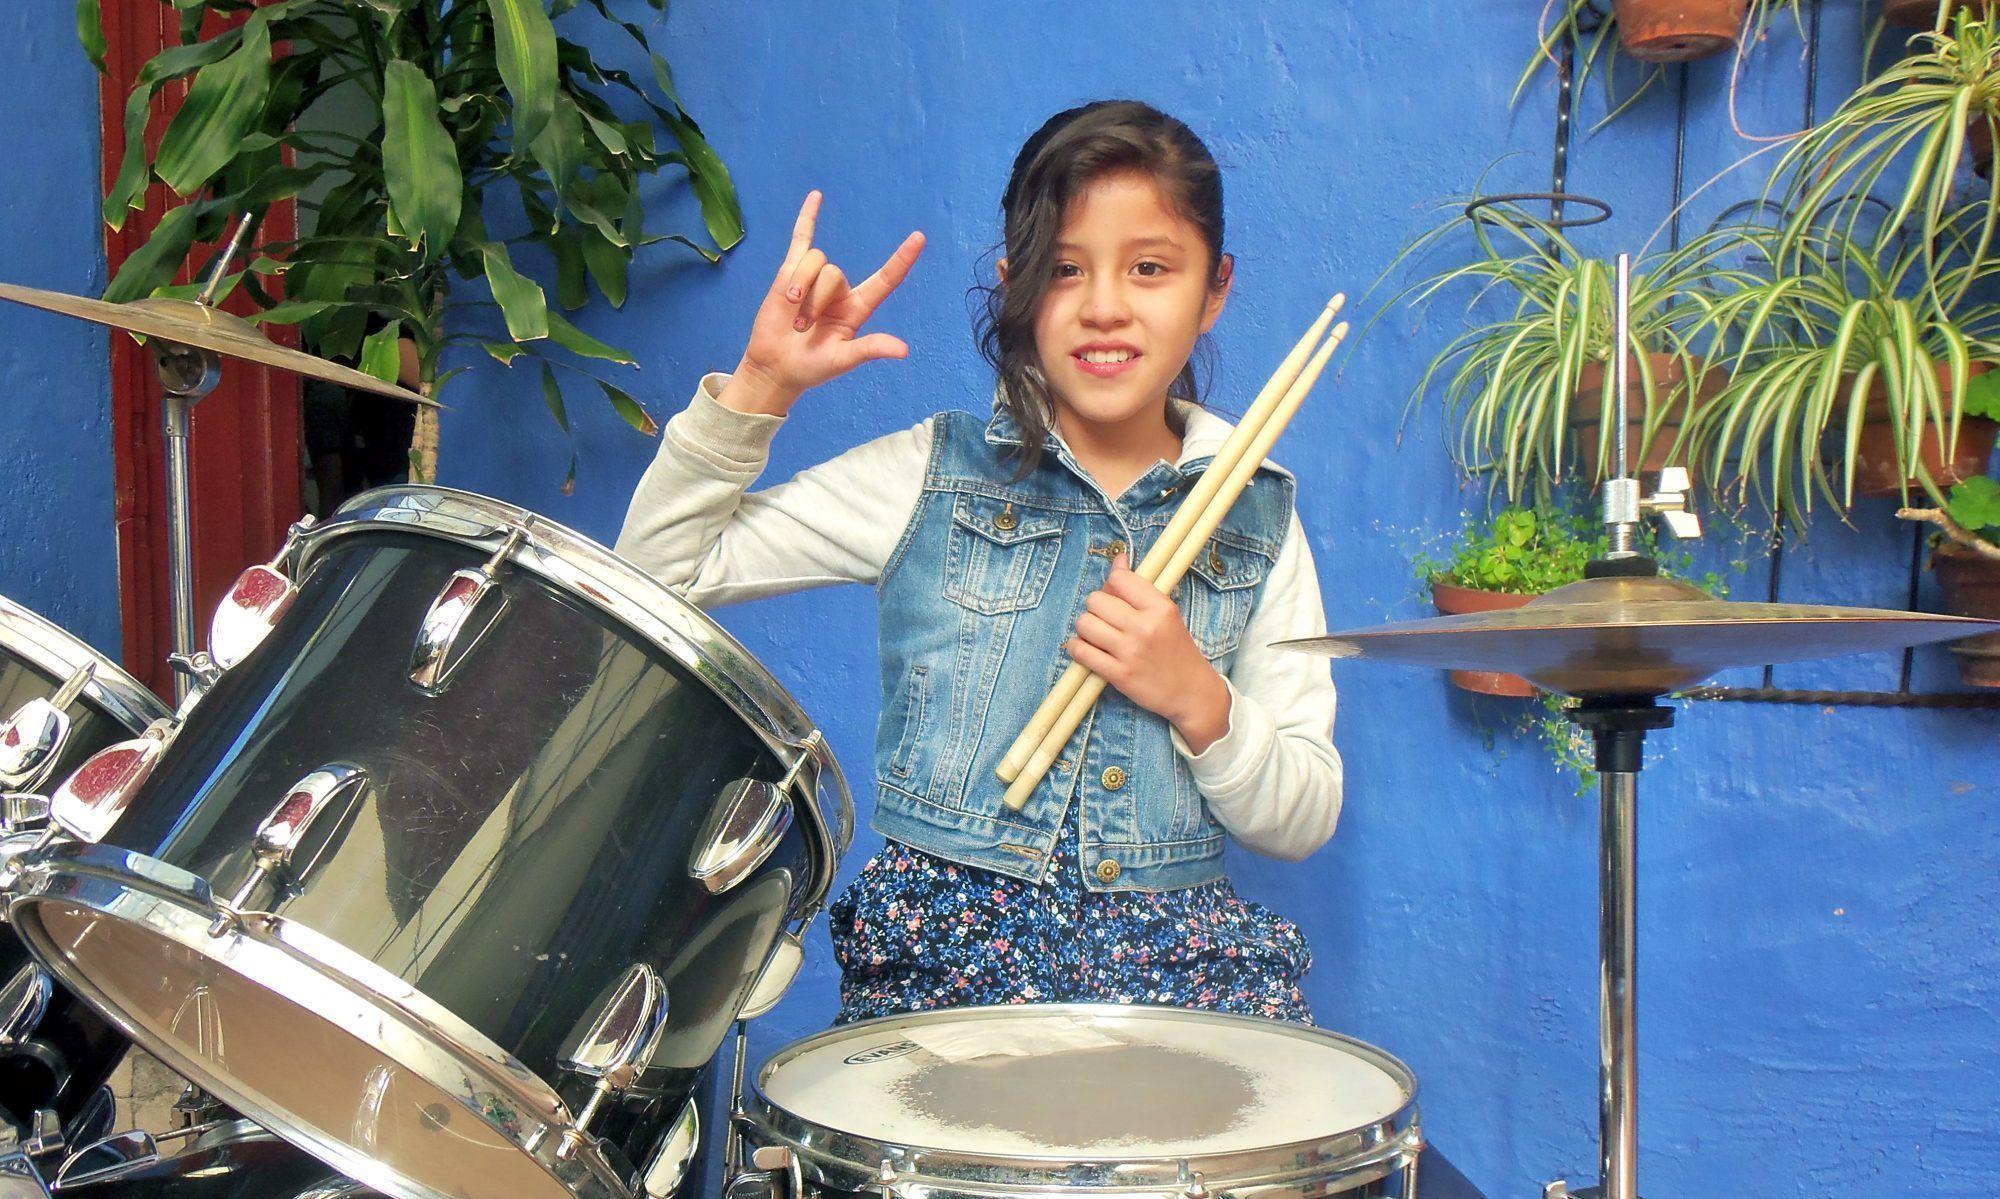 Aprende a tocar tu instrumento favorito en Verano.